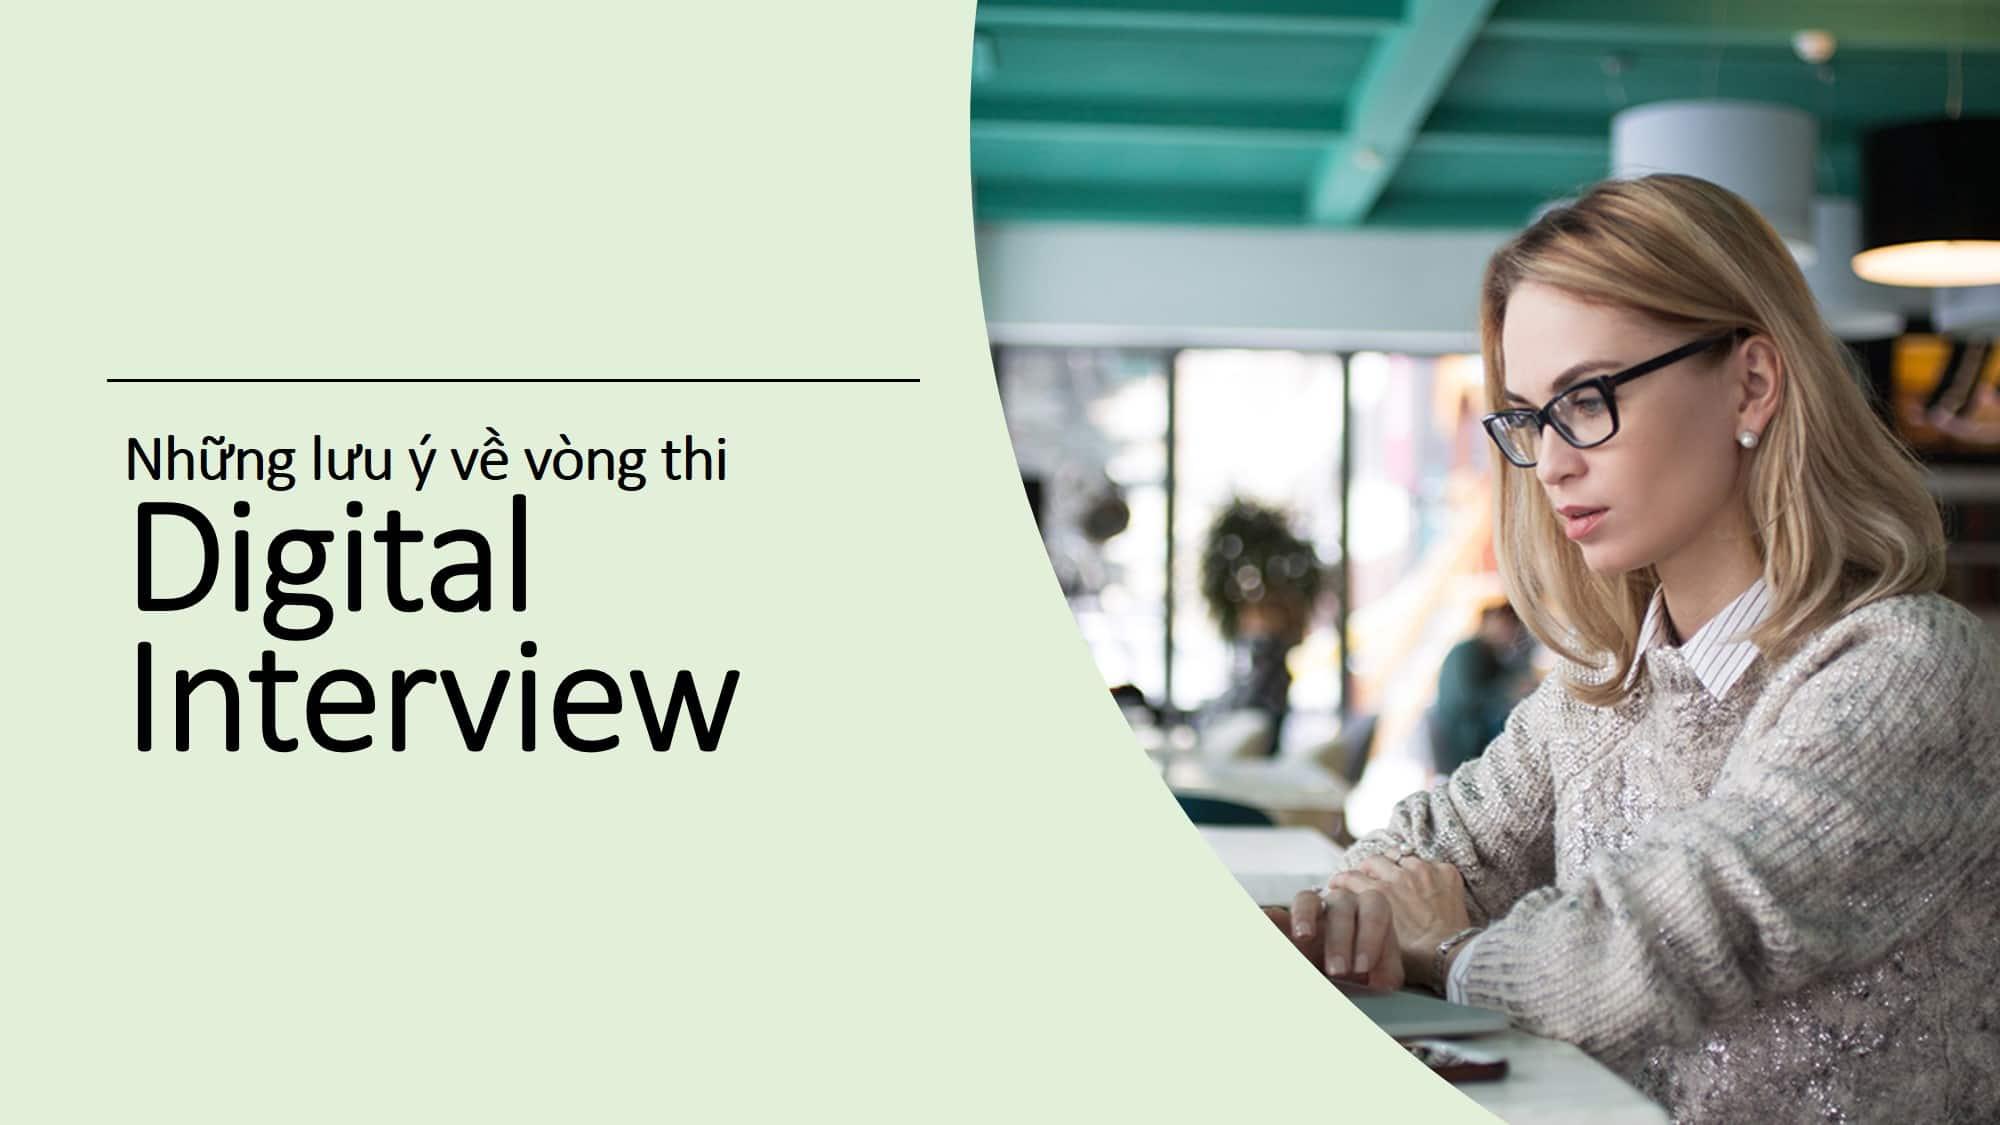 Những lưu ý về vòng thi Digital Interview của Management Trainee (Quản trị viên tập sự)